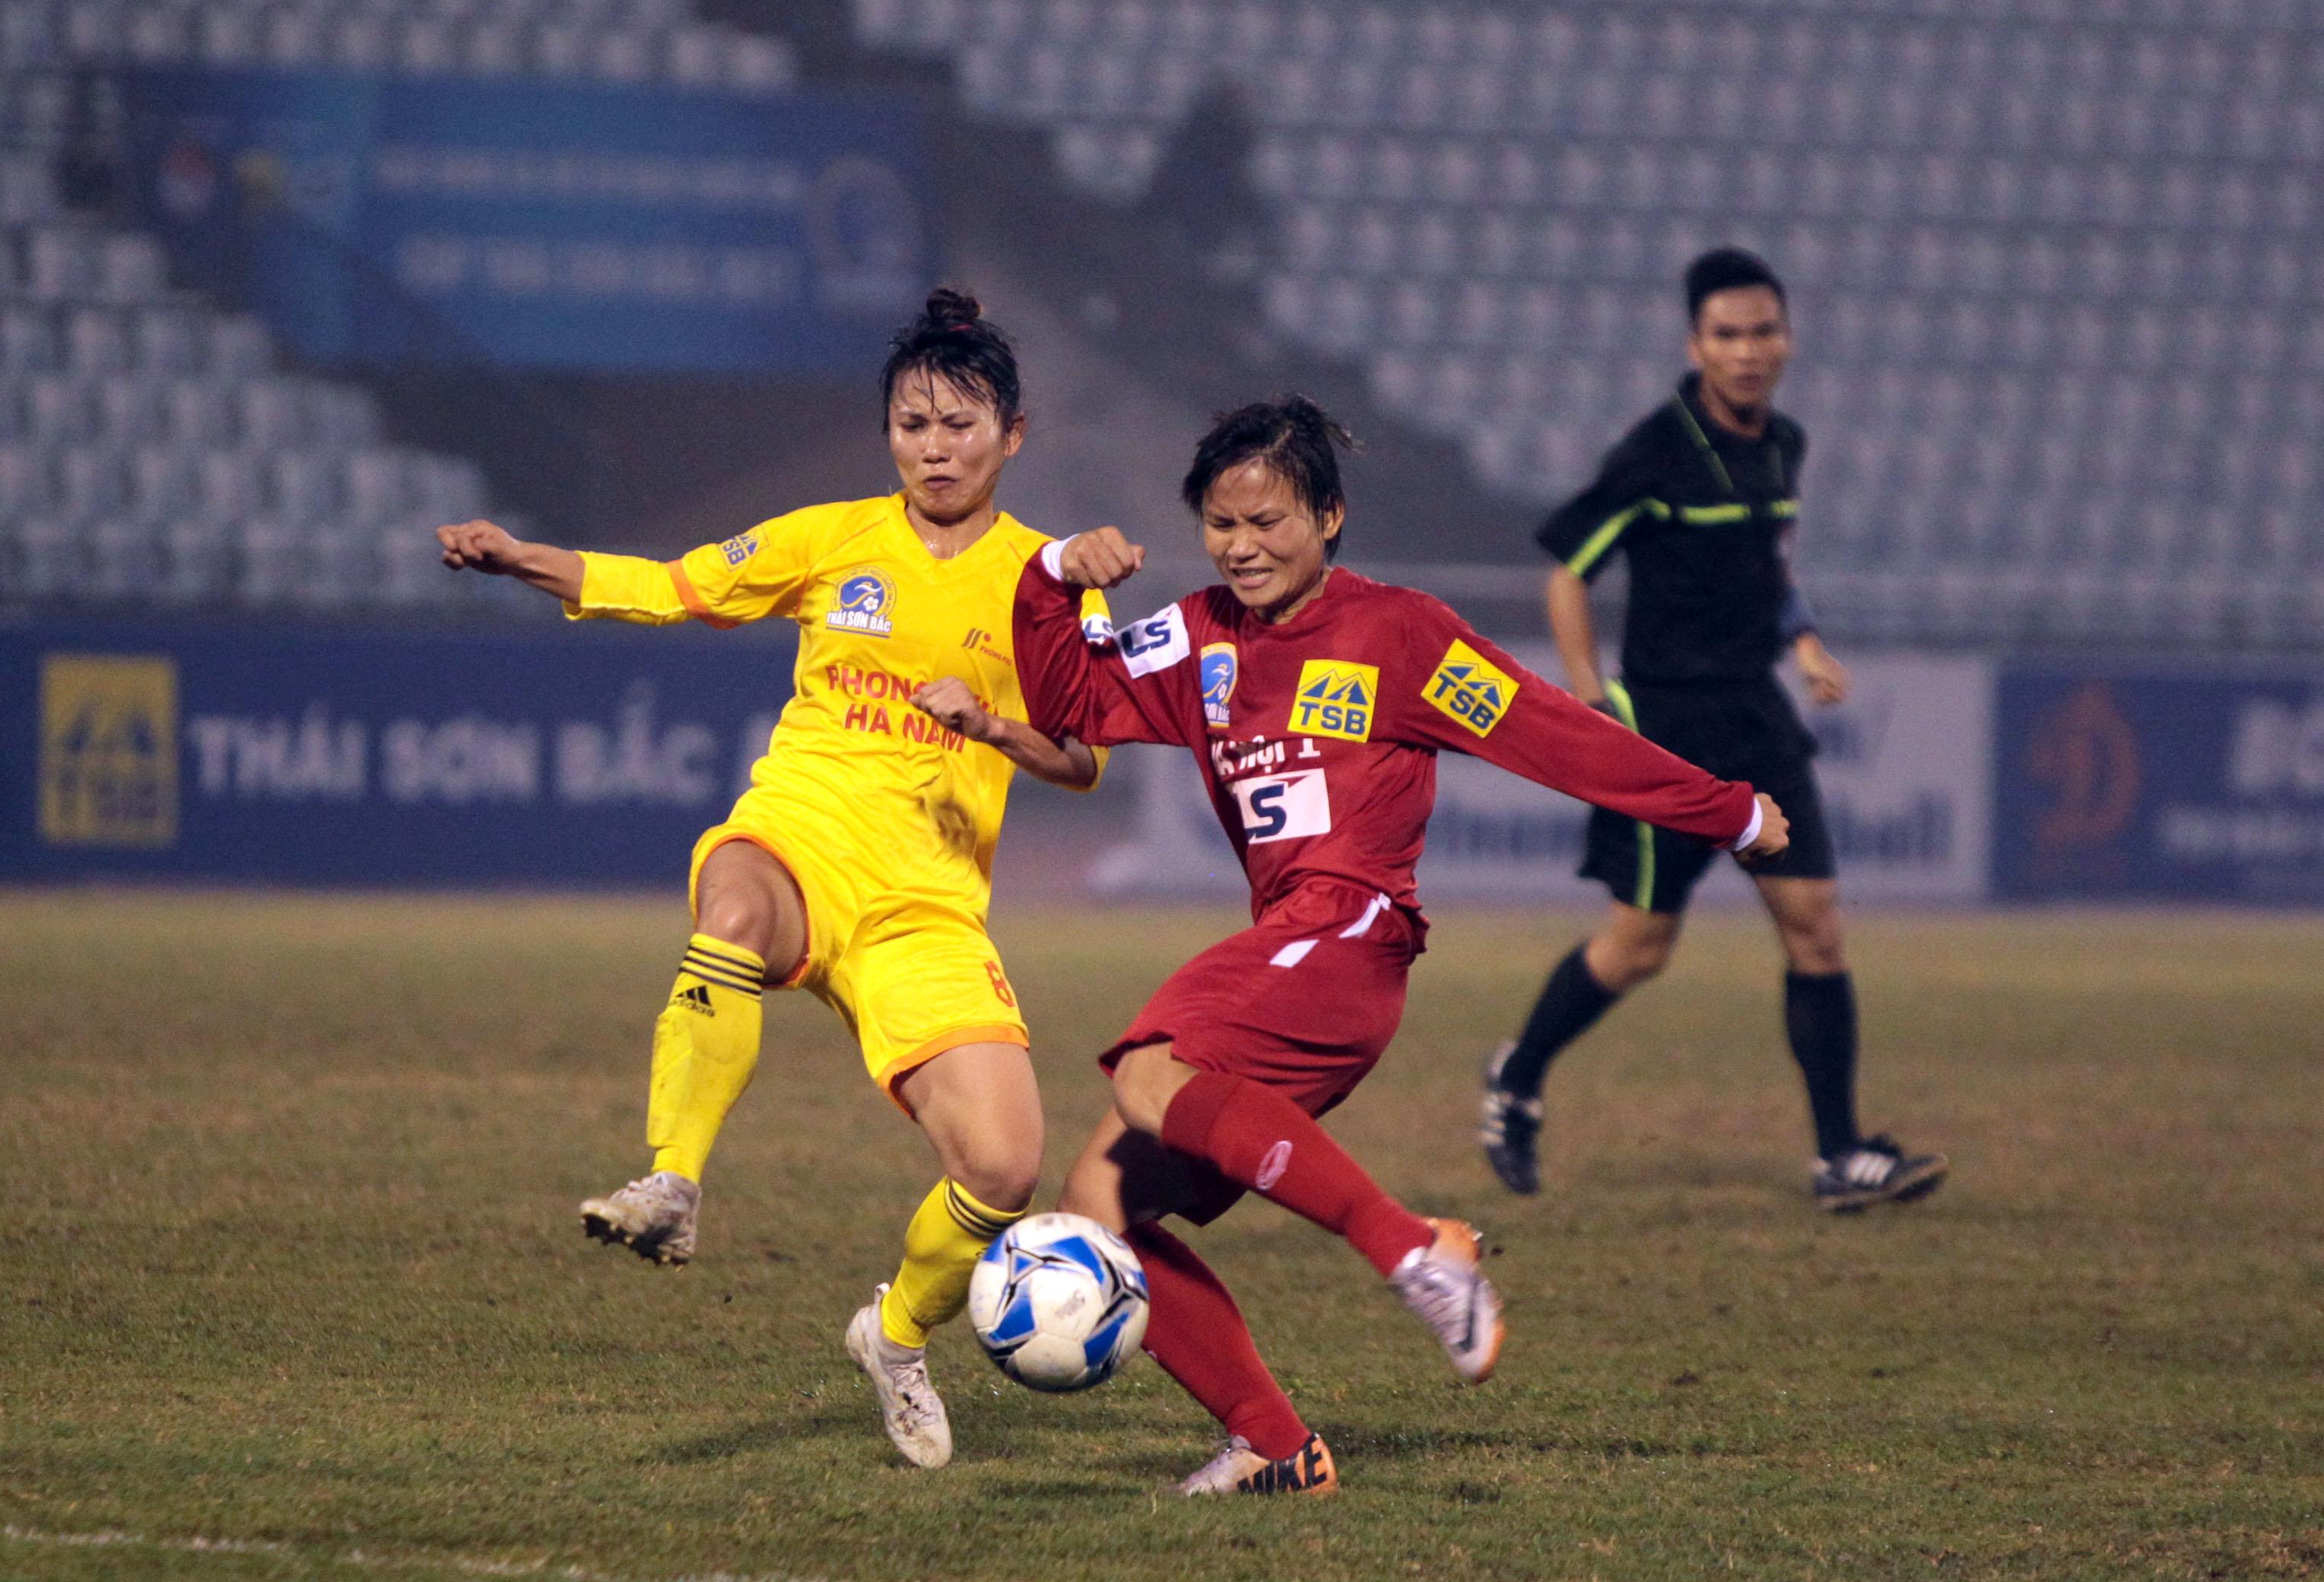 Phong Phú Hà Nam vào chung kết, CĐV đốt pháo sáng ăn mừng - Bóng Đá